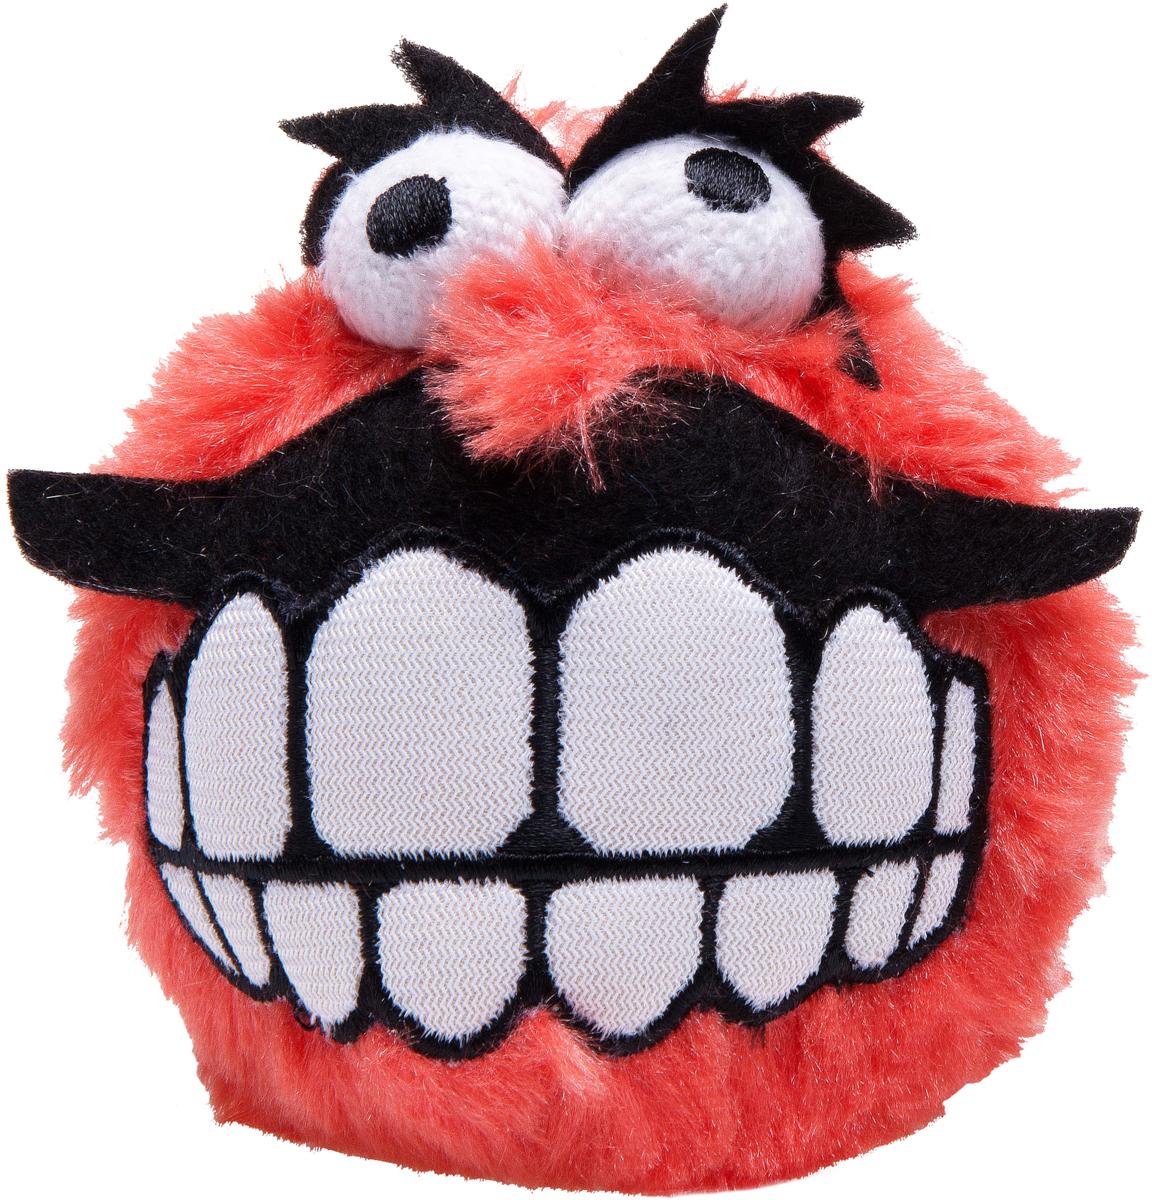 Игрушка для собак Rogz Fluffy Grinz. Зубы, цвет: красный, диаметр 6,4 смCGR03CИгрушка для собак Rogz Fluffy Grinz. Зубы - особо мягкий, плюшевый мяч. Для животных, которые любят играть в Поймай-принеси - это просто мечта.Небольшой вес изделия.Не травмирует зубы и десны.Удобен для переноски животных.Внутри игрушки пищалка, что поддерживает интерес животного к игре.